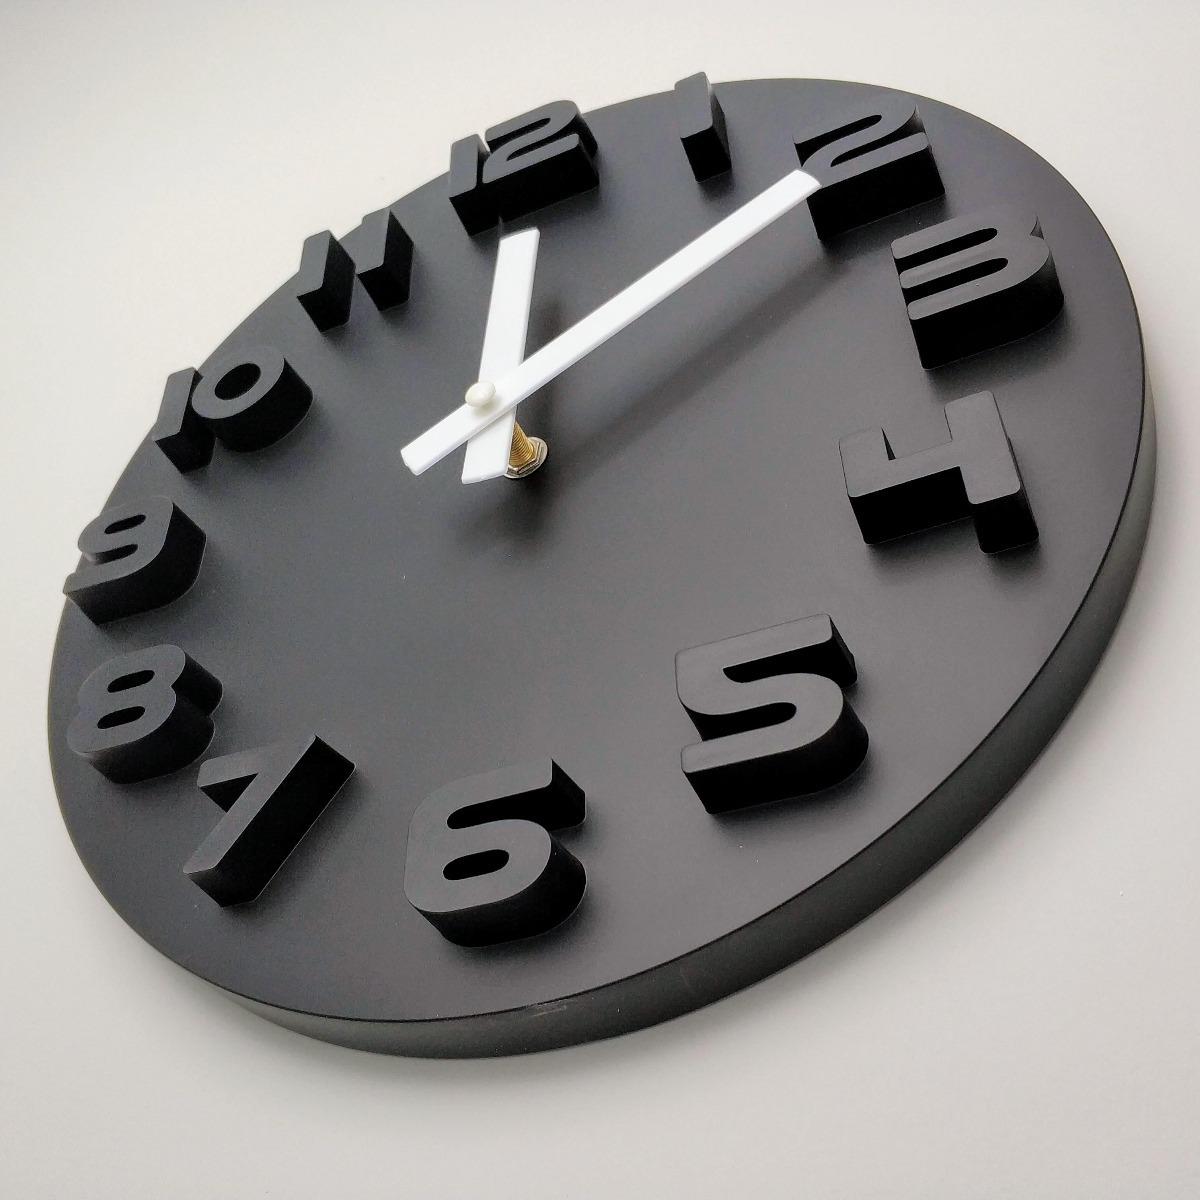 7fa686b861c relógio parede decorativo preto branco alto relevo 30cm. Carregando zoom.